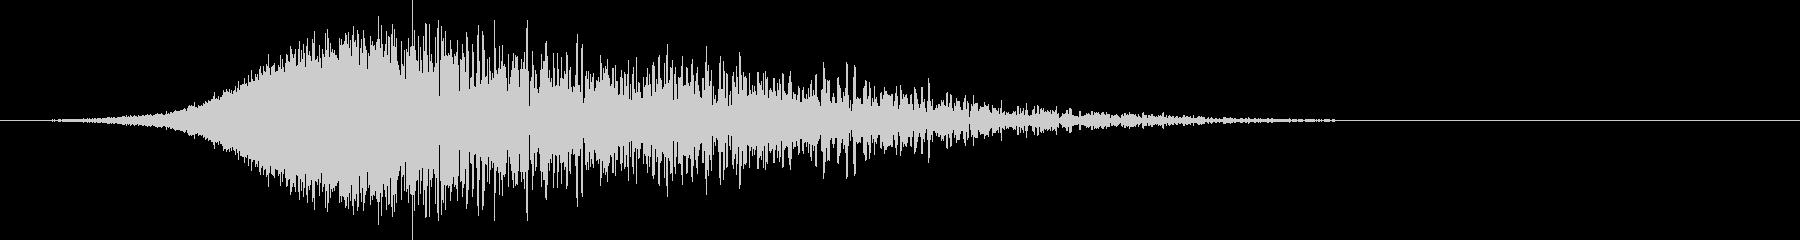 シューバン:上昇して爆発する音2の未再生の波形